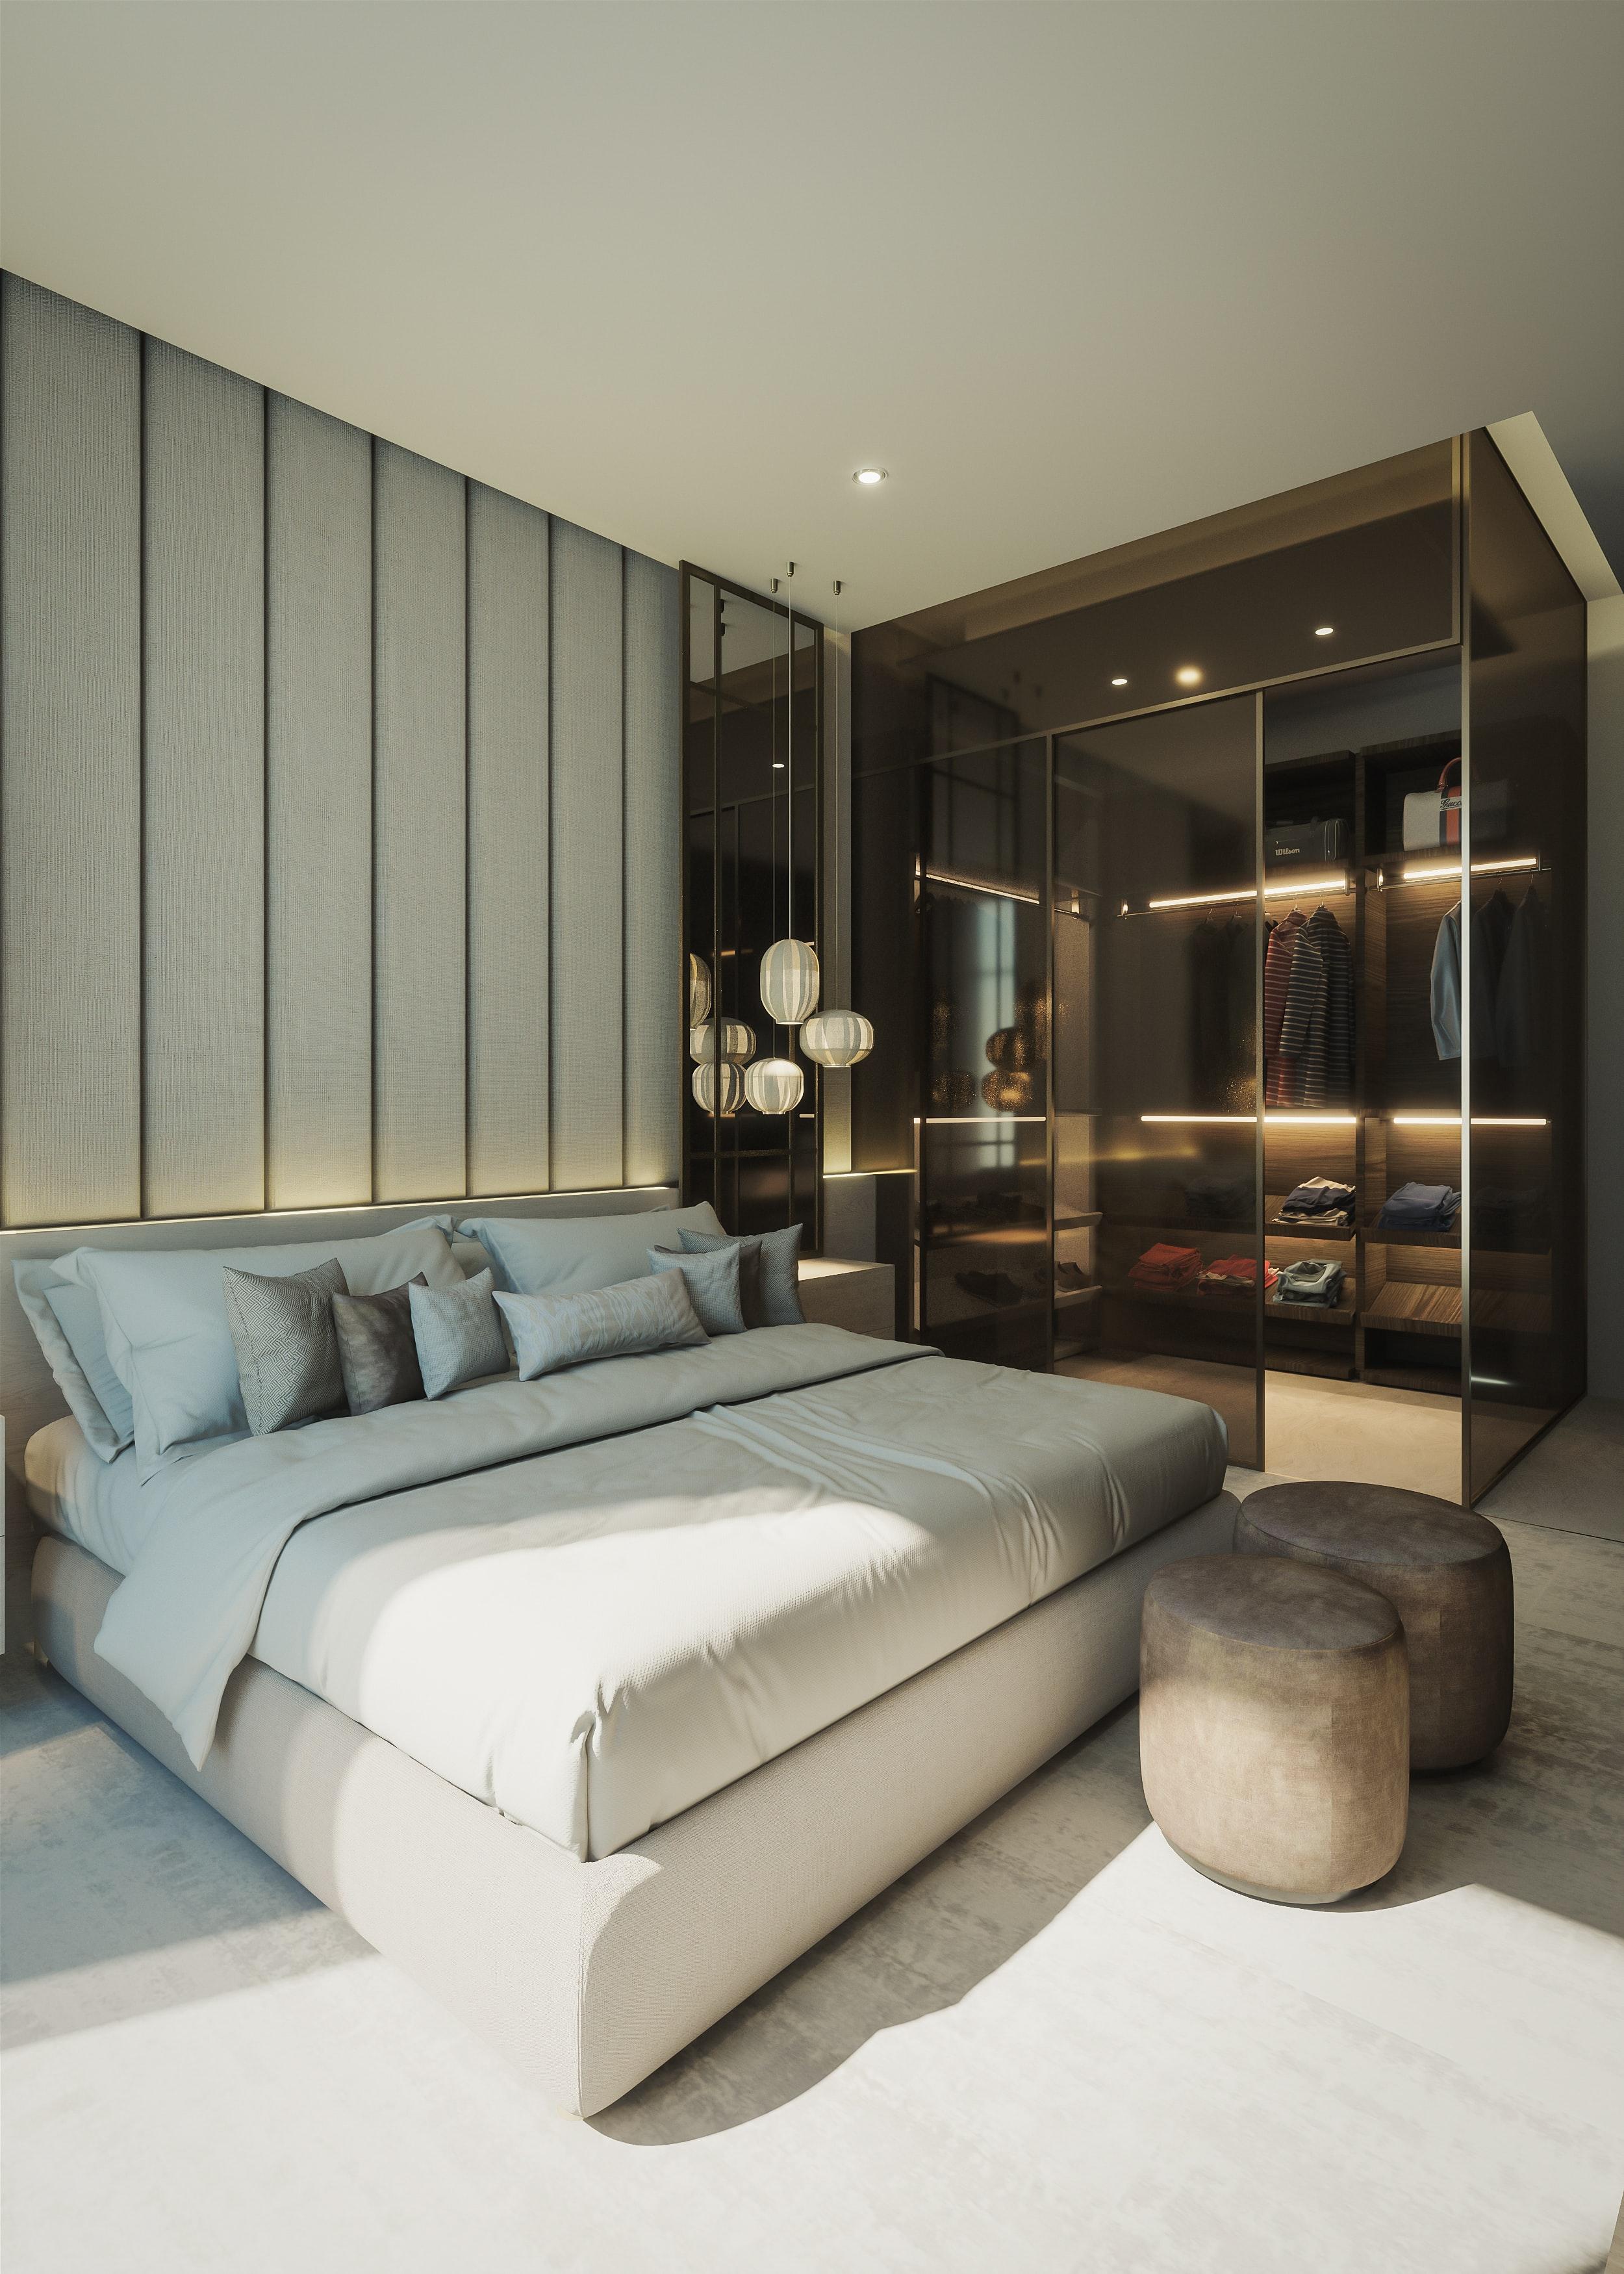 การจัดฮวงจุ้ย ห้องนอน ให้สมบูรณ์แบบ 4   ตามหลักฮวงจุ้ย